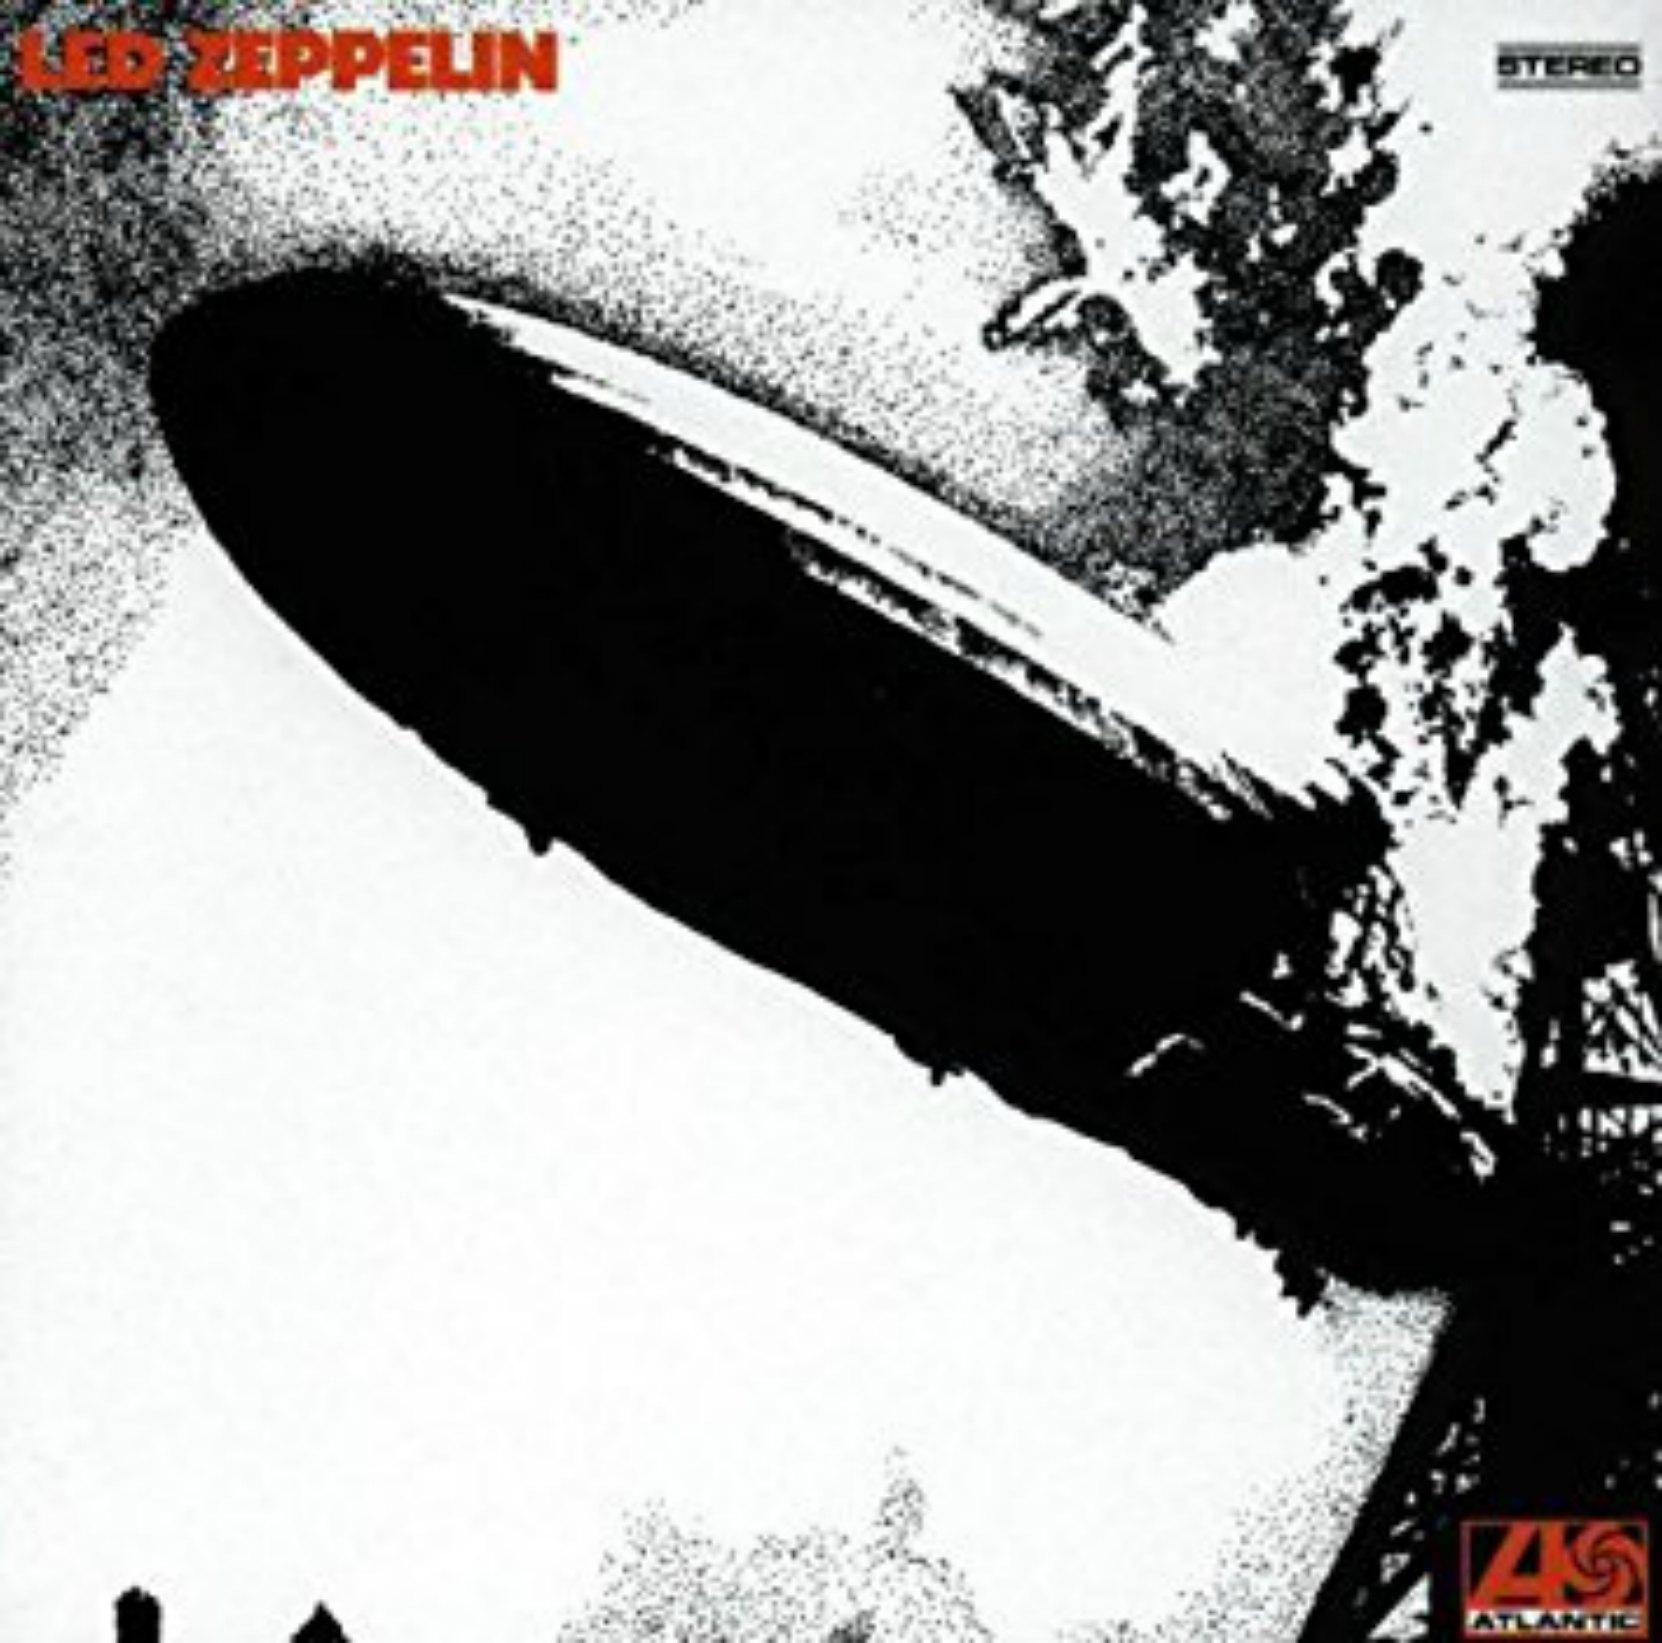 Album cover - Led Zeppelin I, released 1969